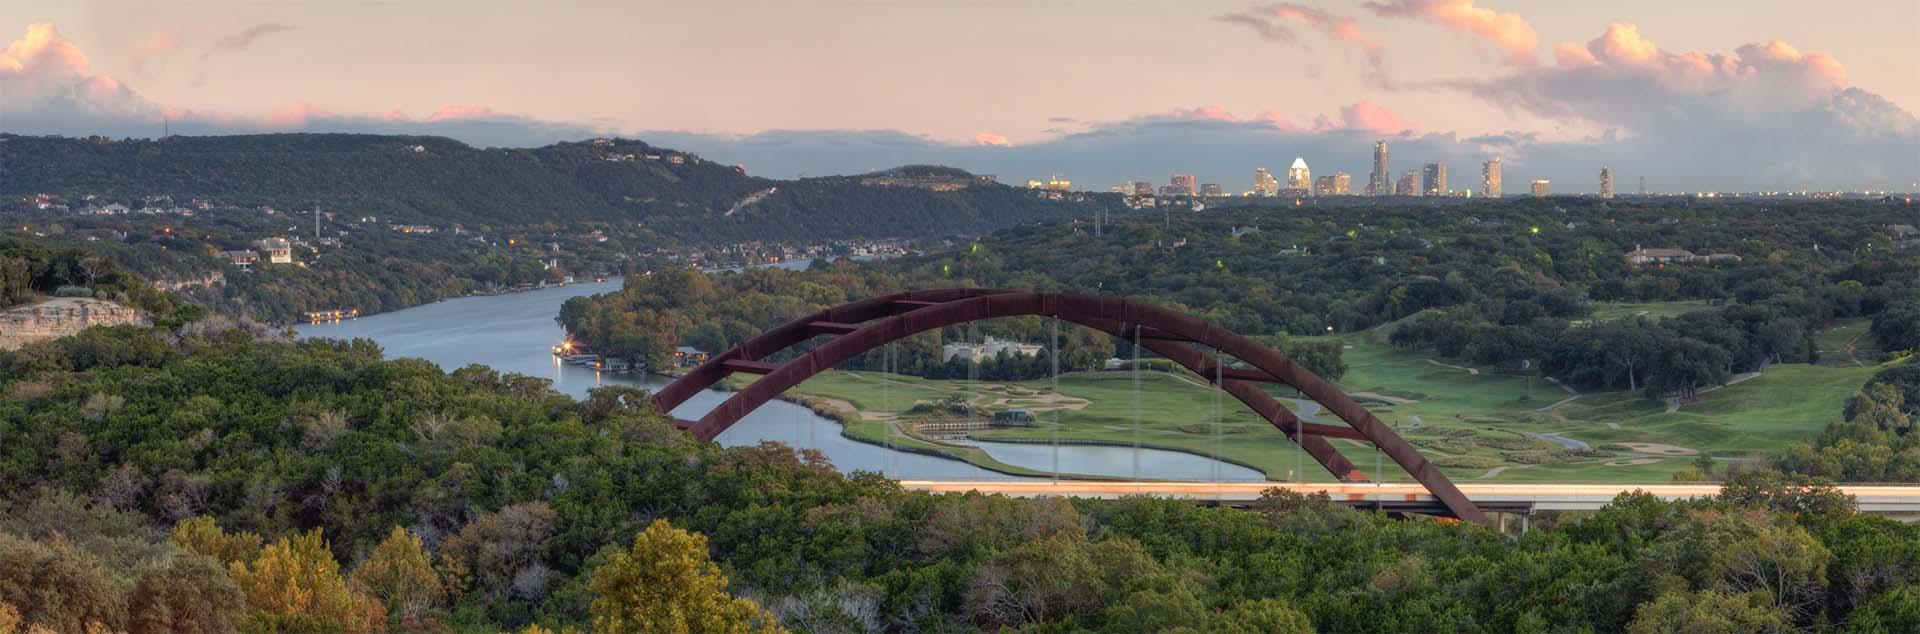 Bridge view of Austin, TX